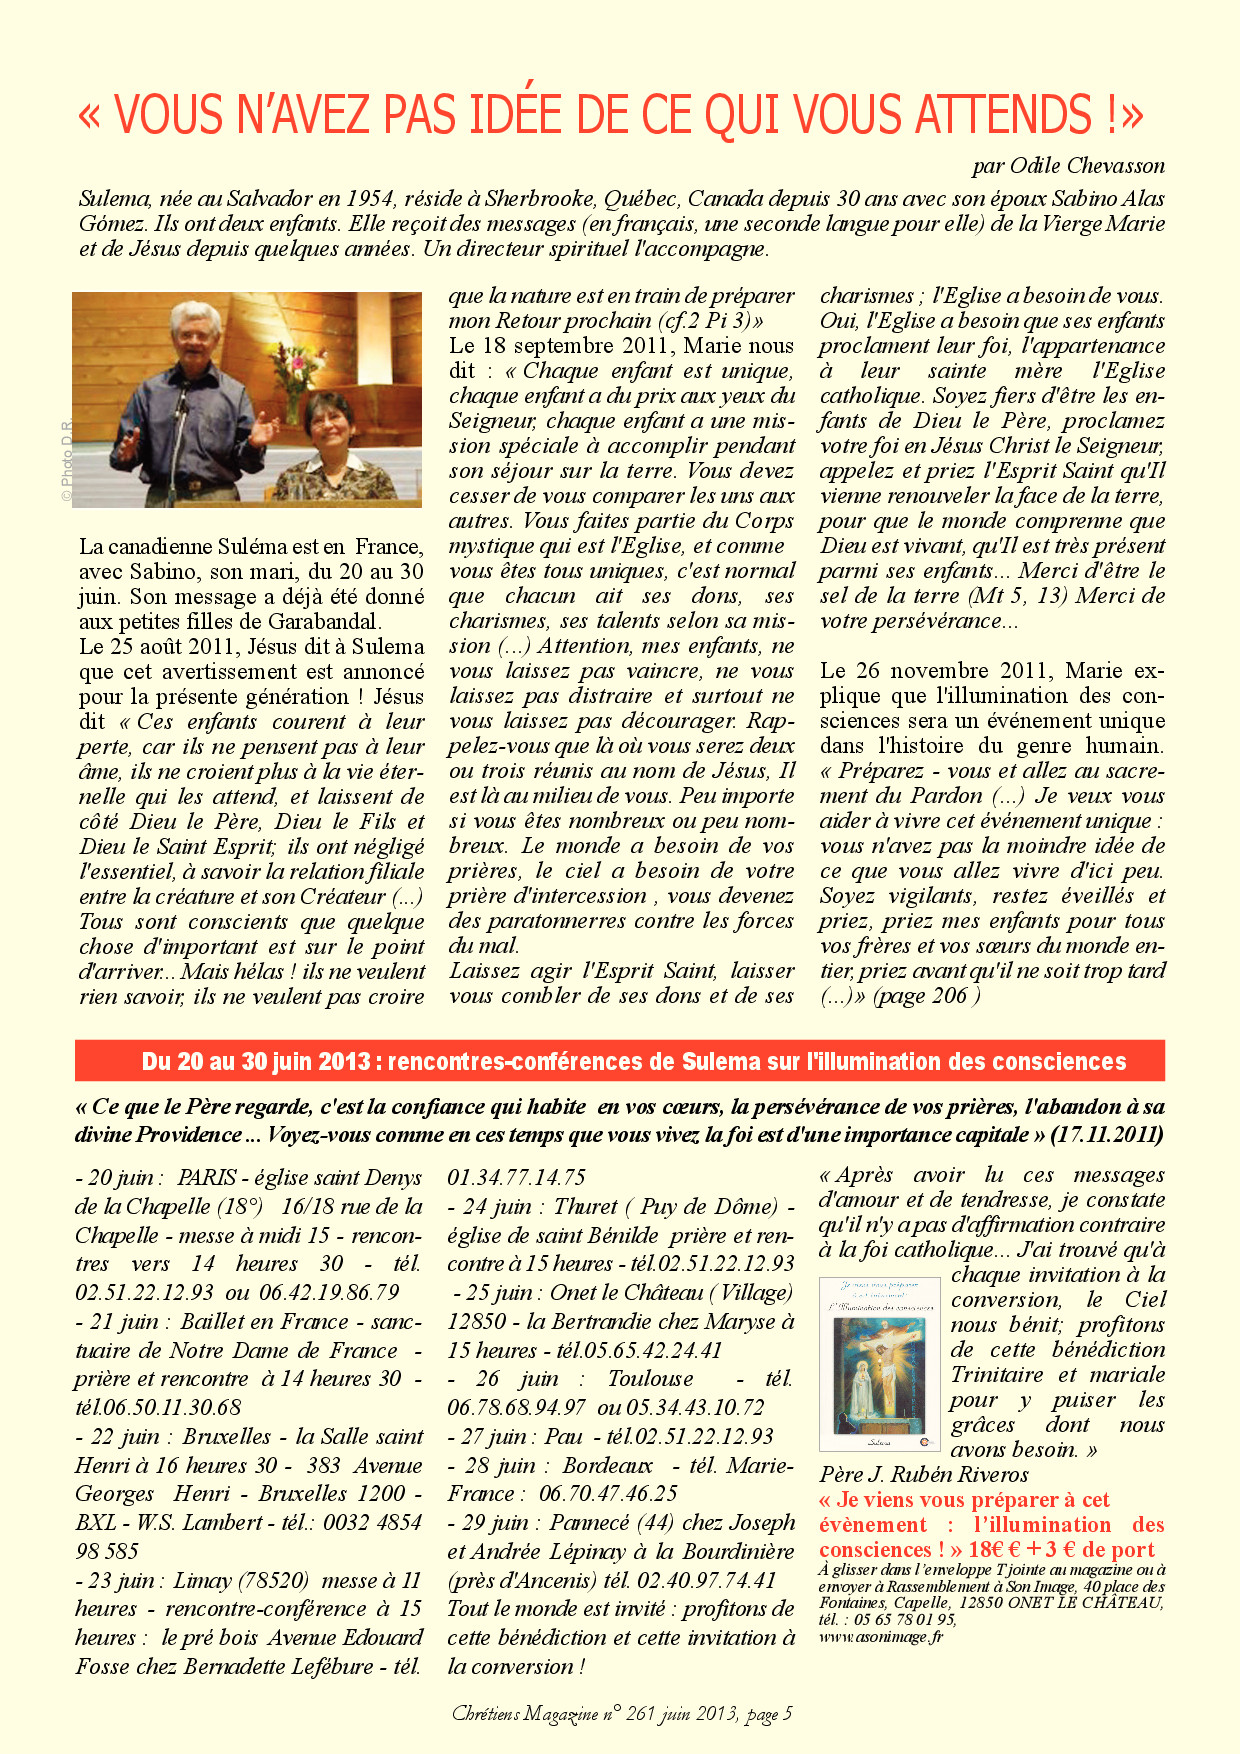 Juin 2013, Chrétien Magazine- Sulema